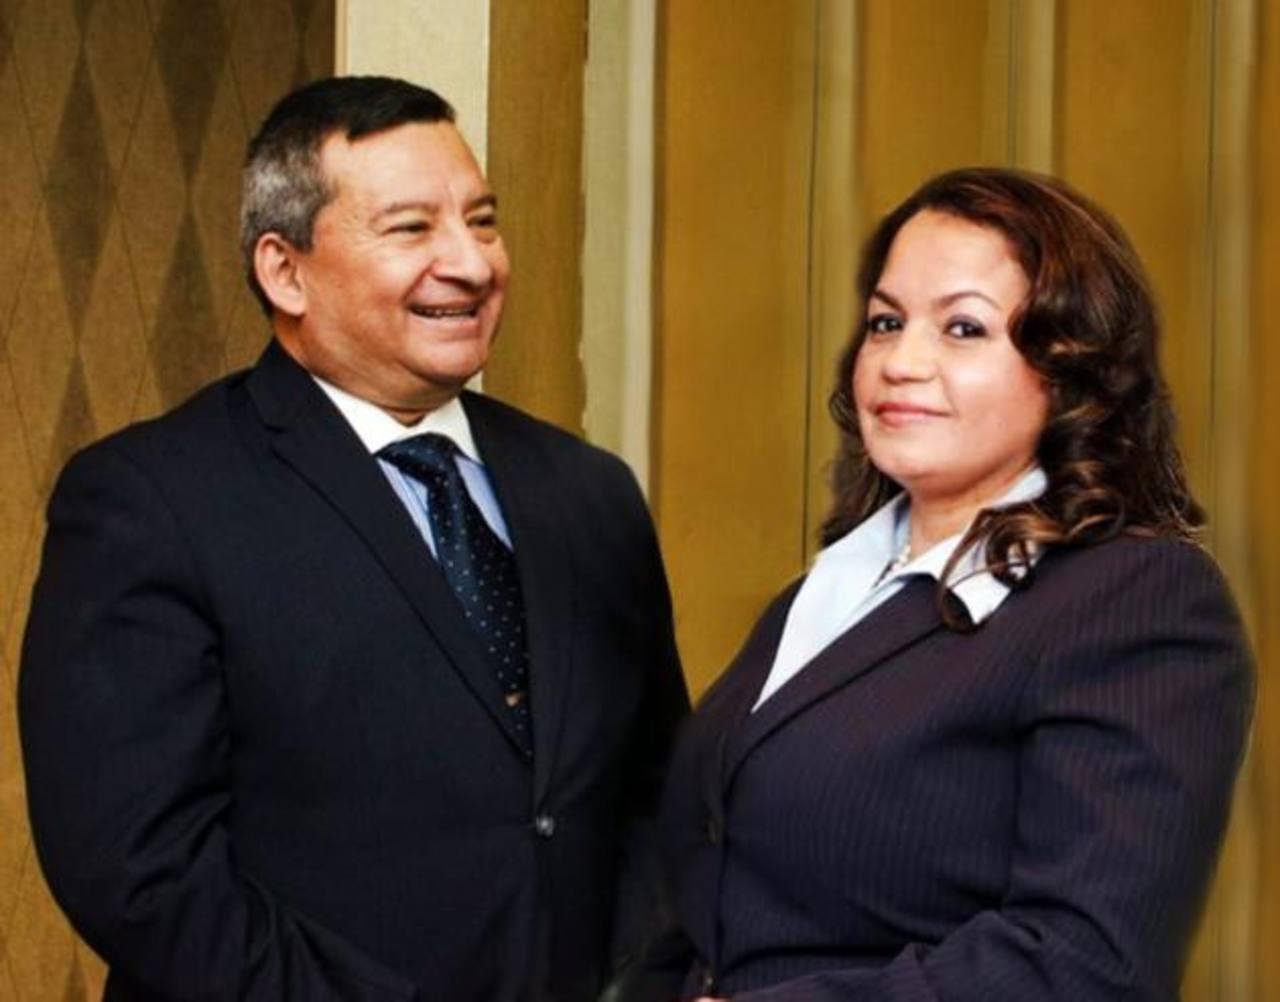 Jorge Guadrón y Miriam Ventura, dos salvadoreños-estadounidenses que forman parte del Comité Demócrata Estatal por el 6o. Distrito de la Asamblea Estatal de Nueva York.